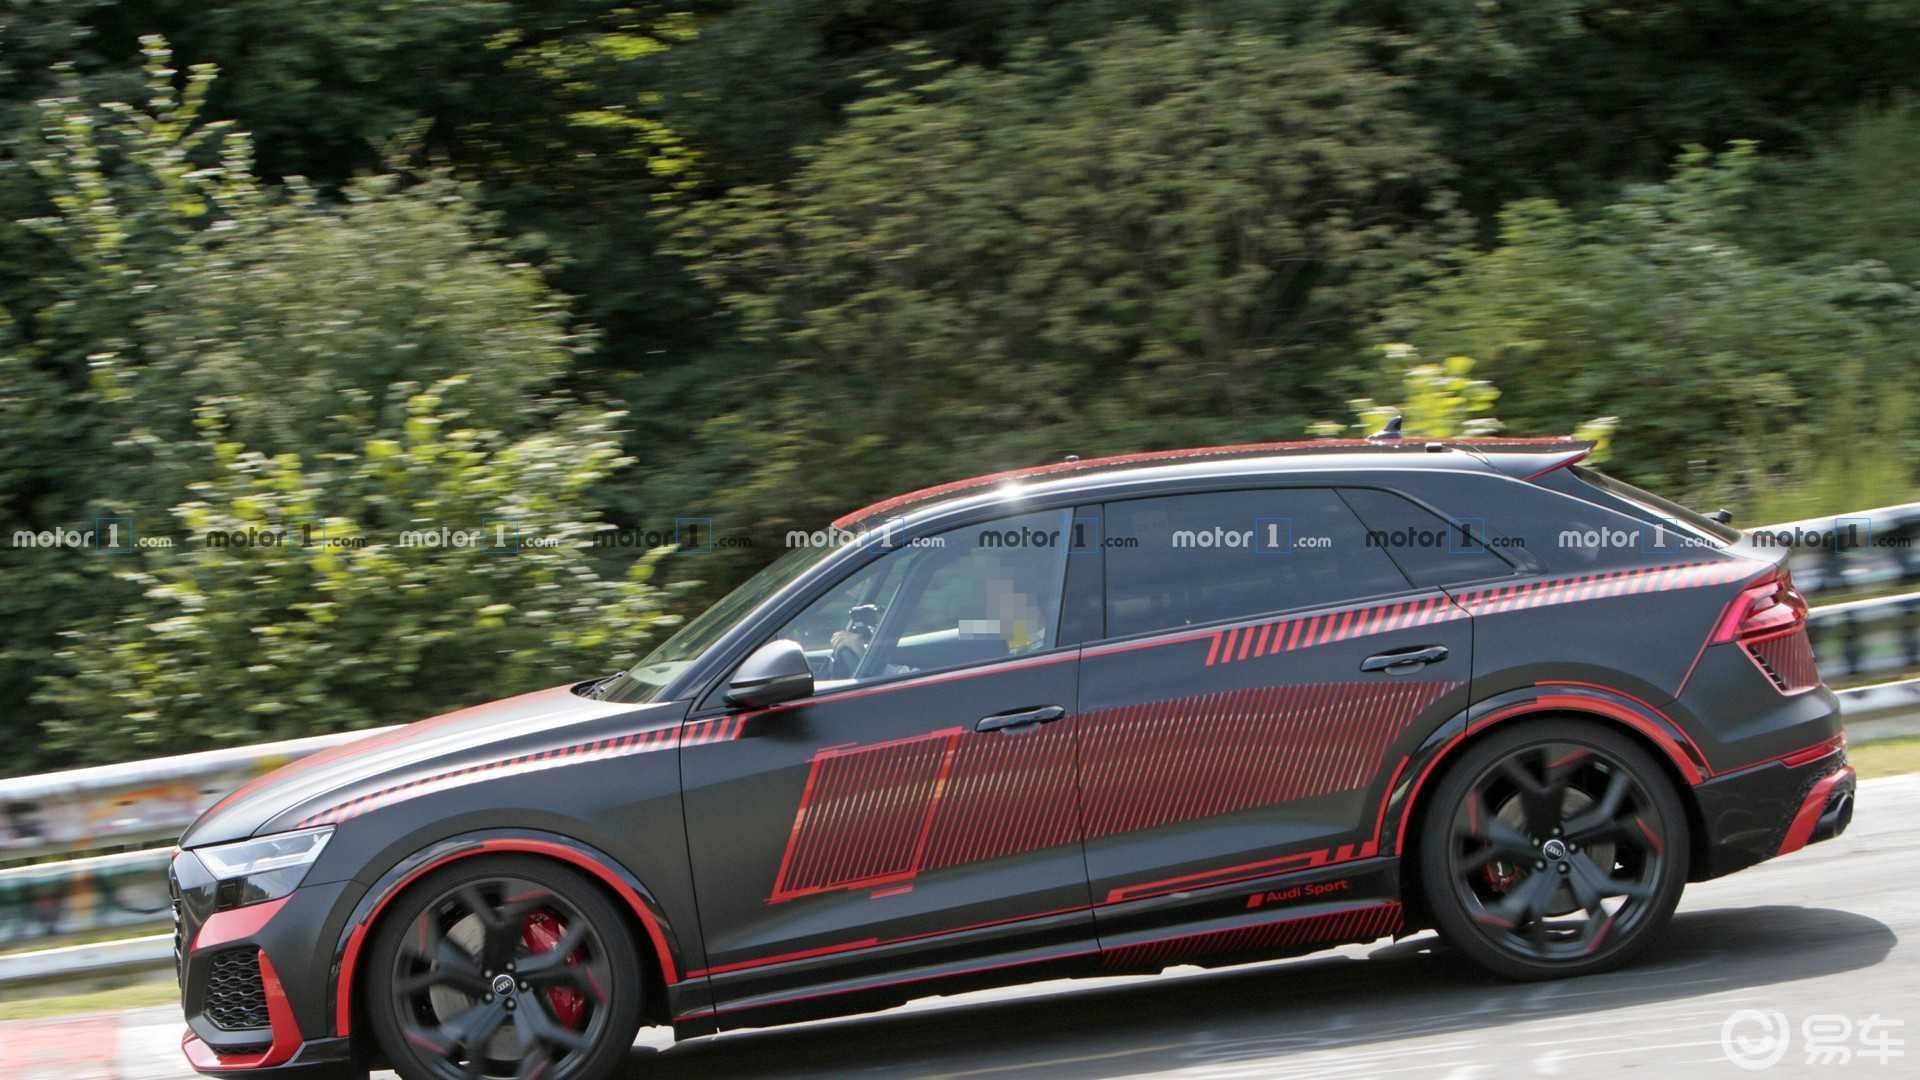 奥迪RS Q8打破了纽博格林SUV圈数纪录